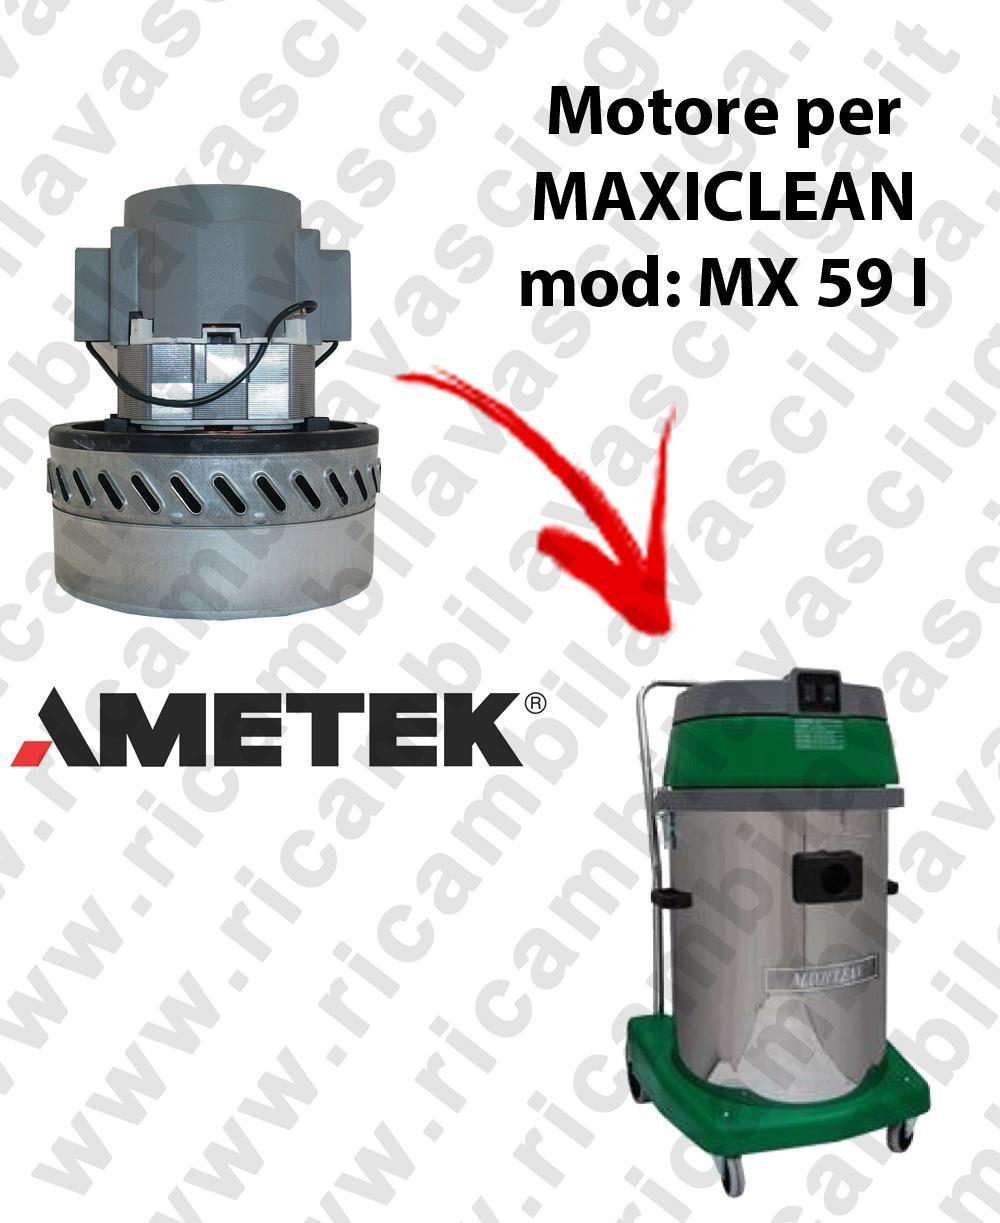 MX 59 I MOTEUR AMETEK aspiration pour aspirateur et aspirateur à eau MAXICLEAN